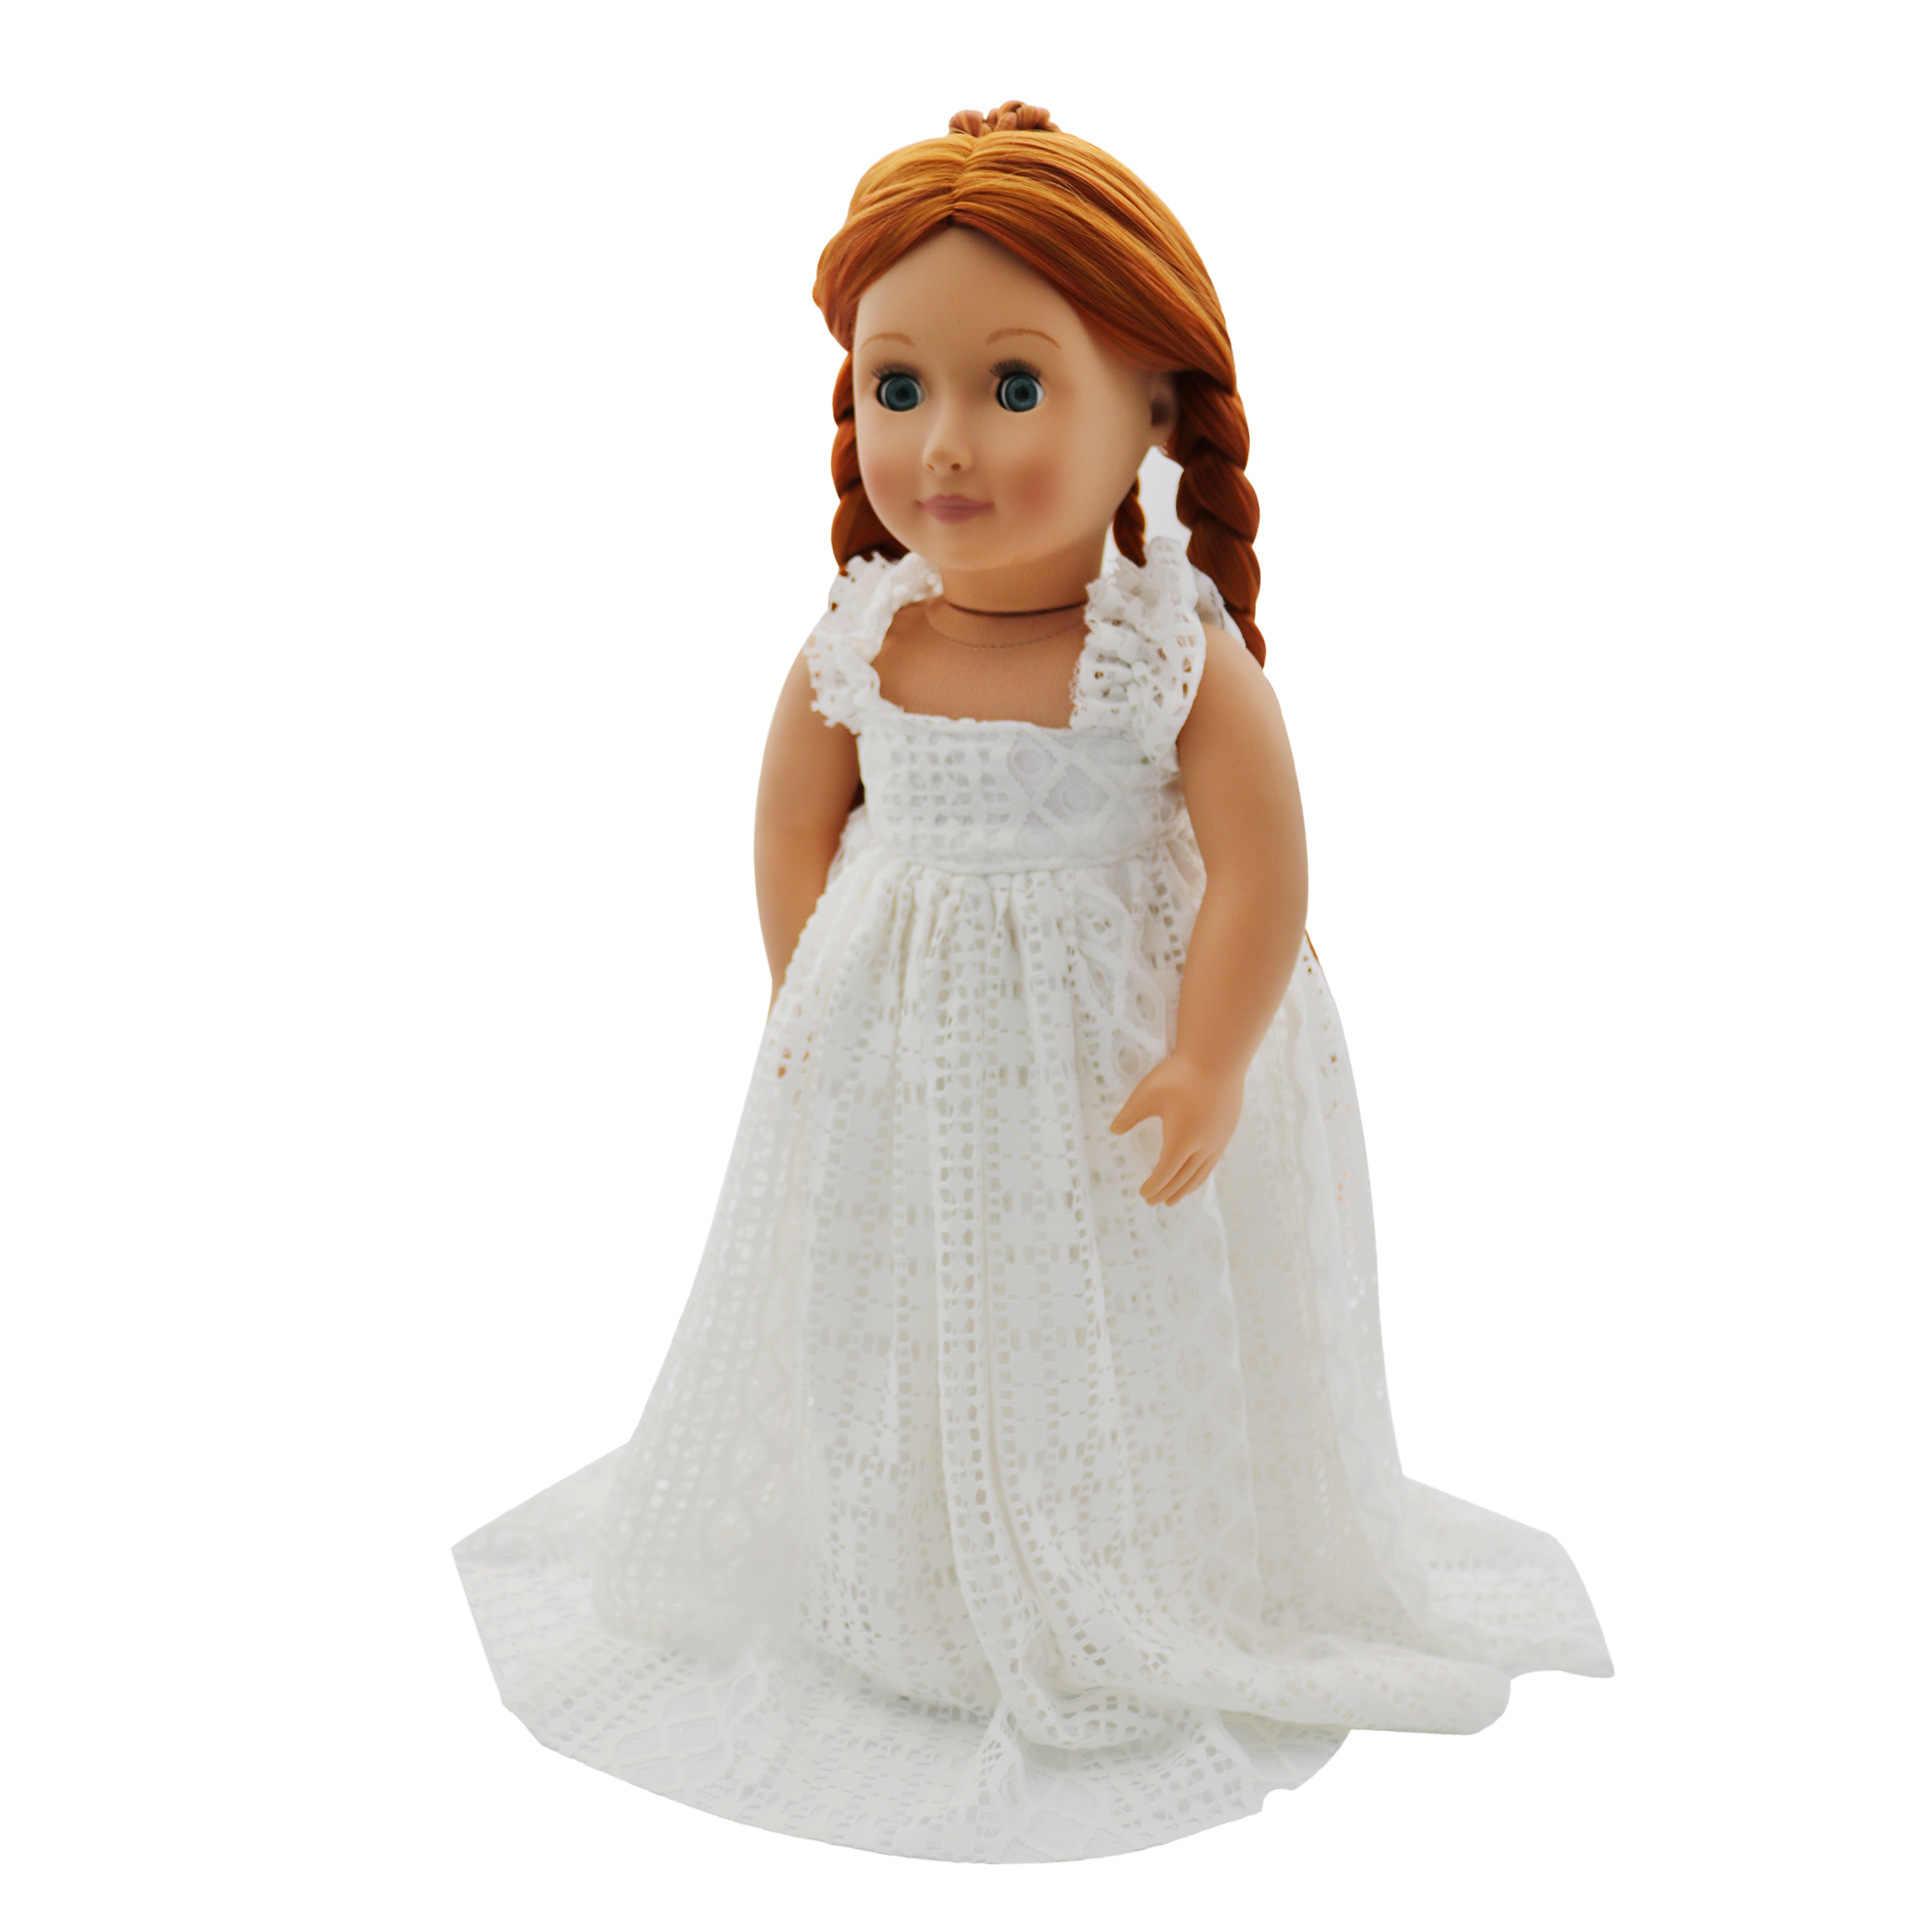 Vestir para menina roupa da boneca acessórios padrão high-end vestido de noiva de renda branca